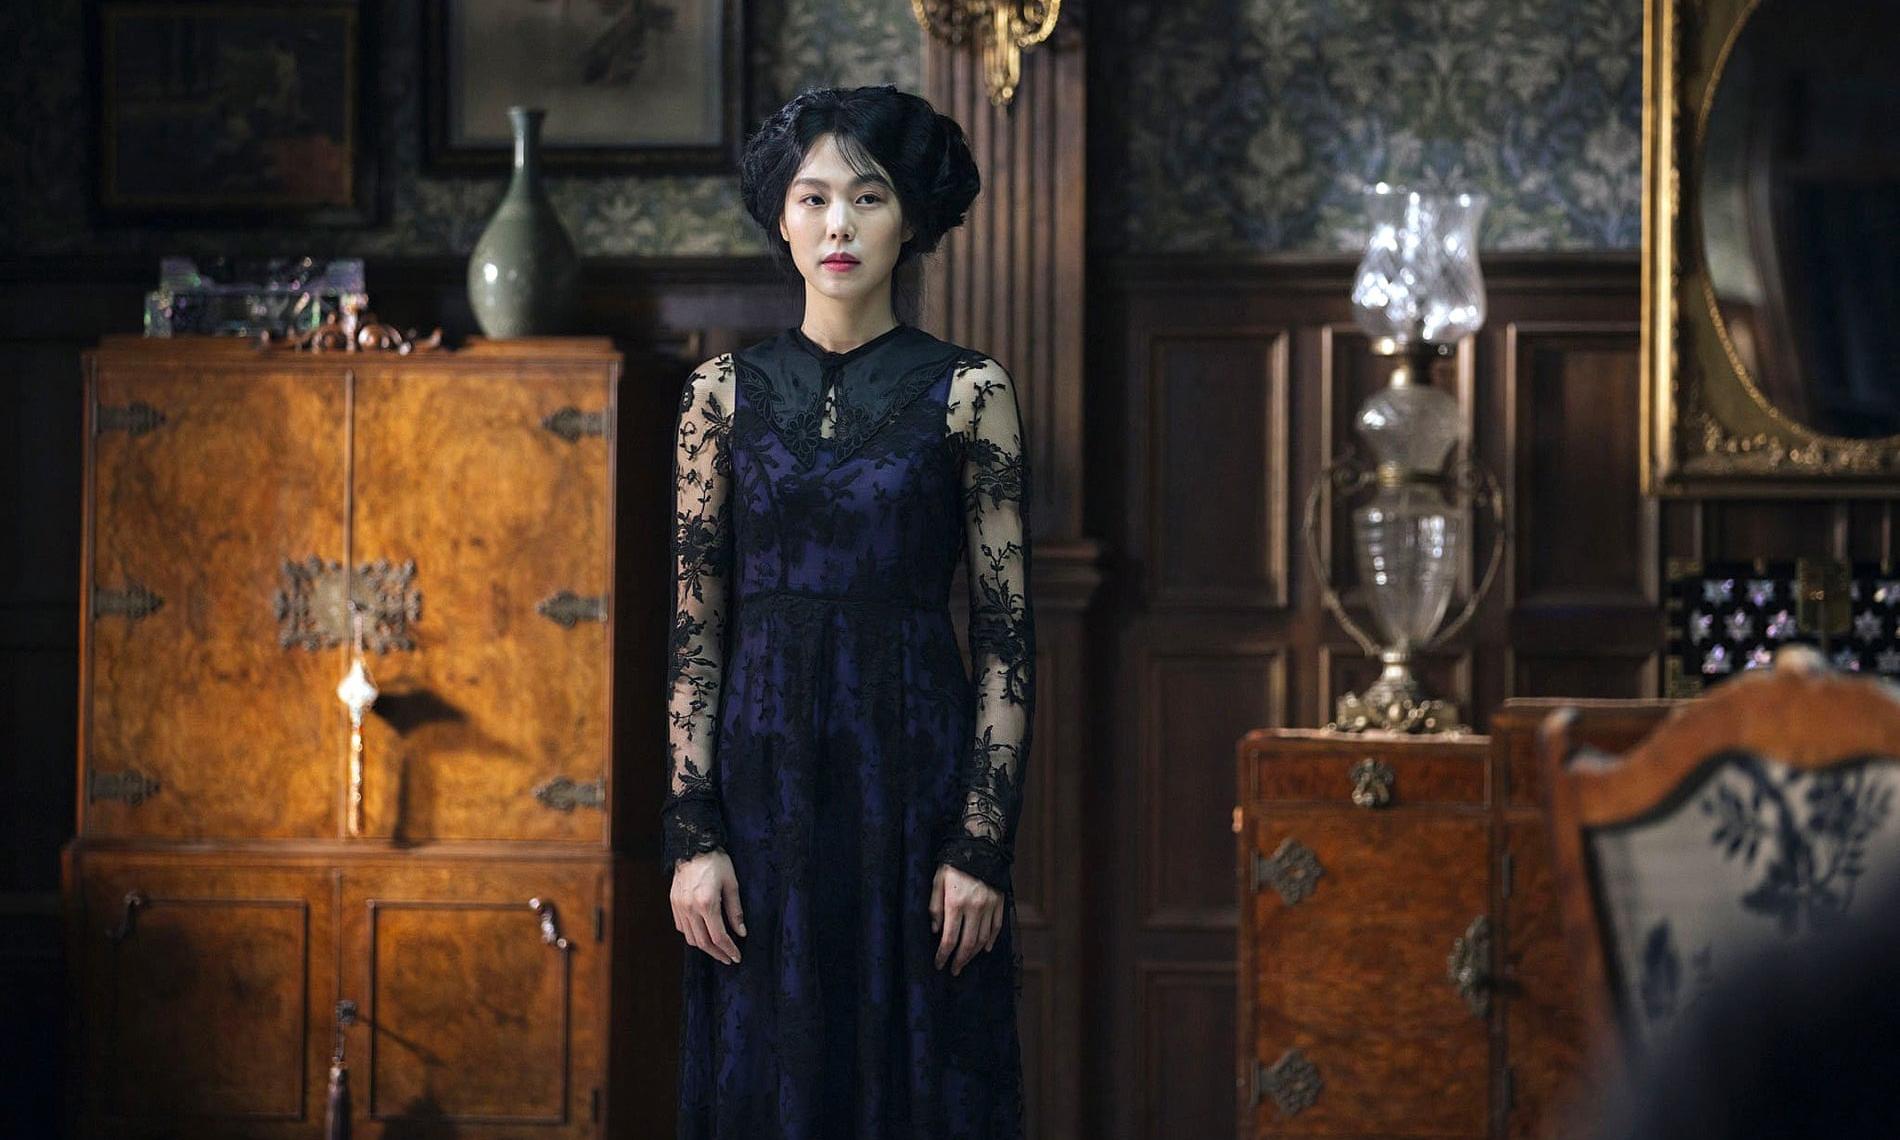 《小姐》登顶,《卫报》评选韩国现代电影 Top 20